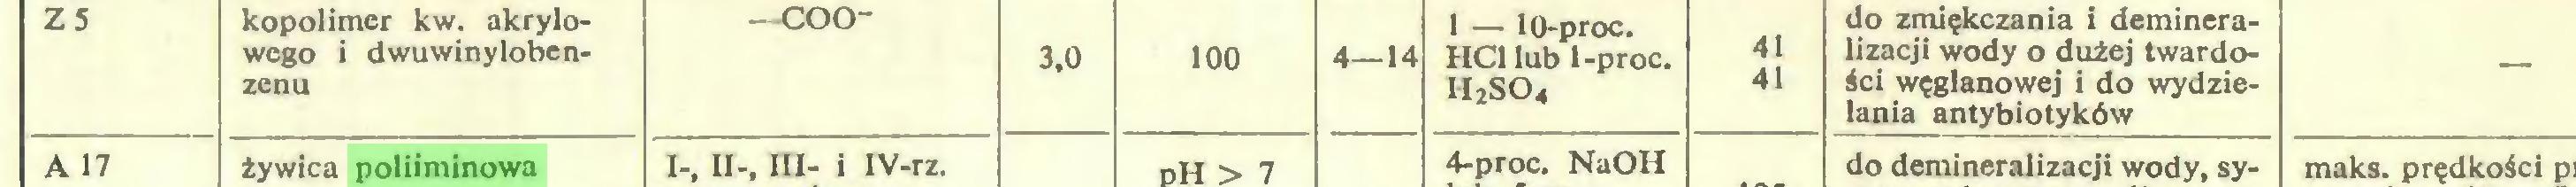 (...) h2so4 41 41 do zmiękczania i demineralizacji wody o dużej twardości węglanowej i do wydzielania antybiotyków — A 17 żywica poliiminowa 1-, 11-, III- i IV-rz...